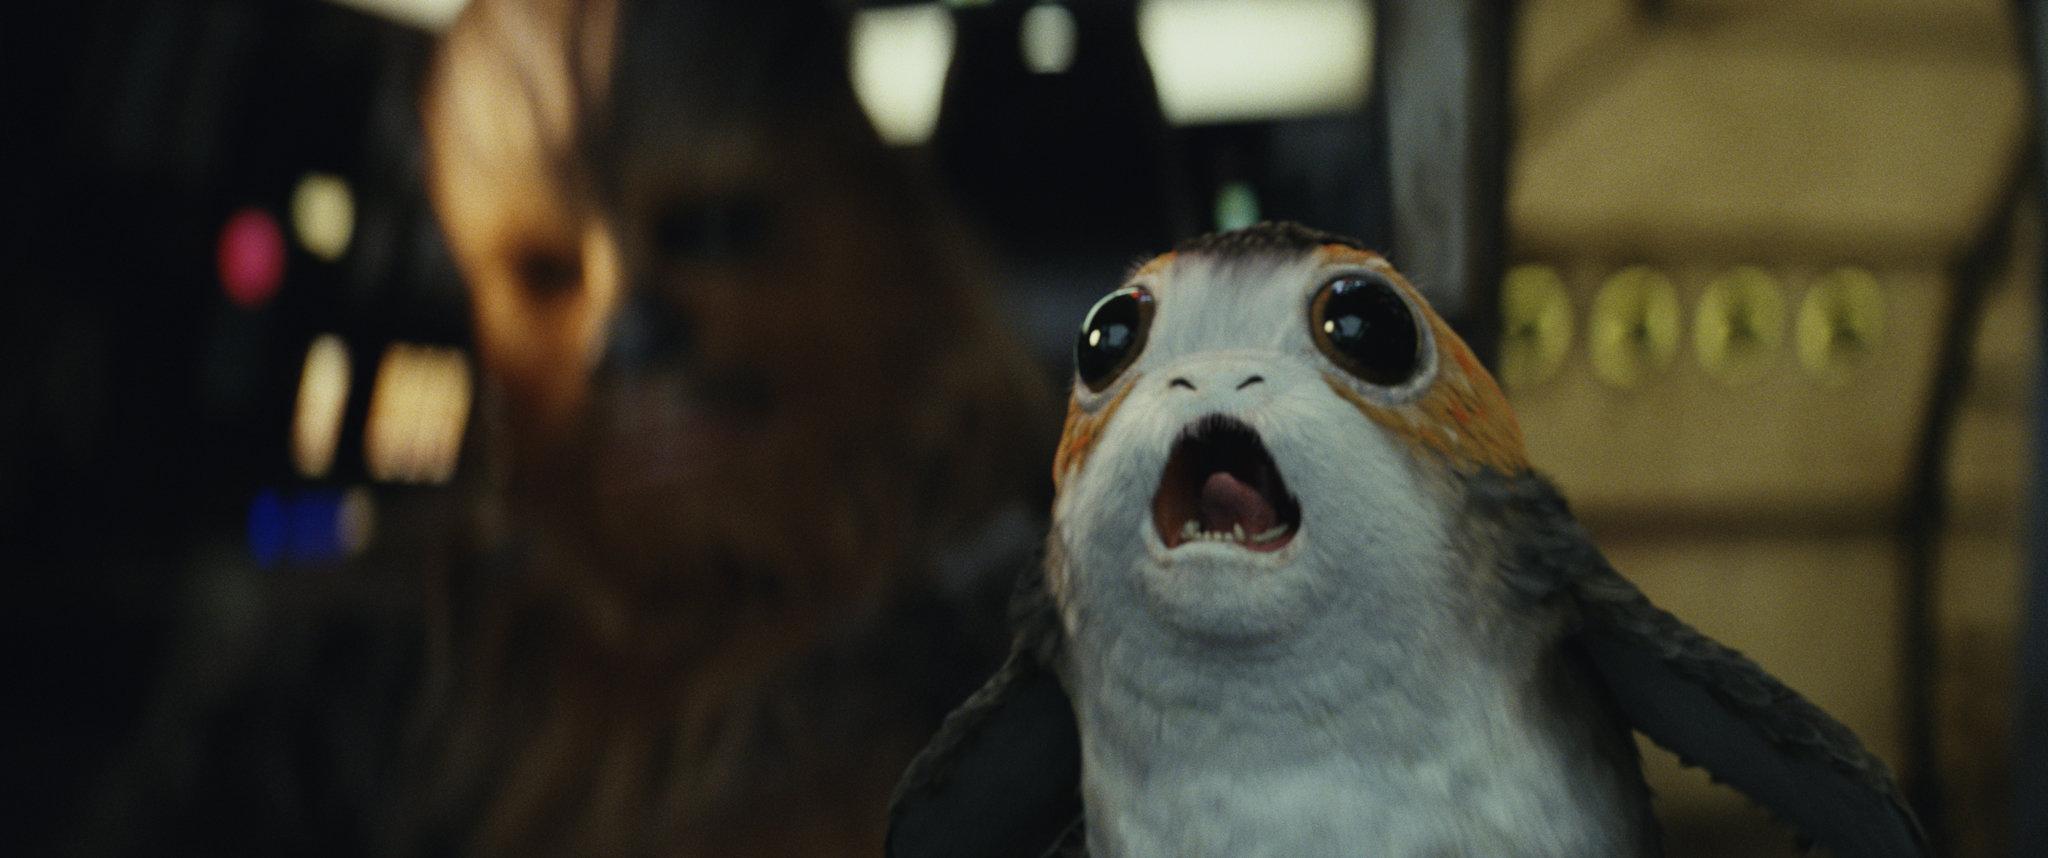 """рецензия на фильм """"Звездные войны: Последние джедаи"""" 2017"""